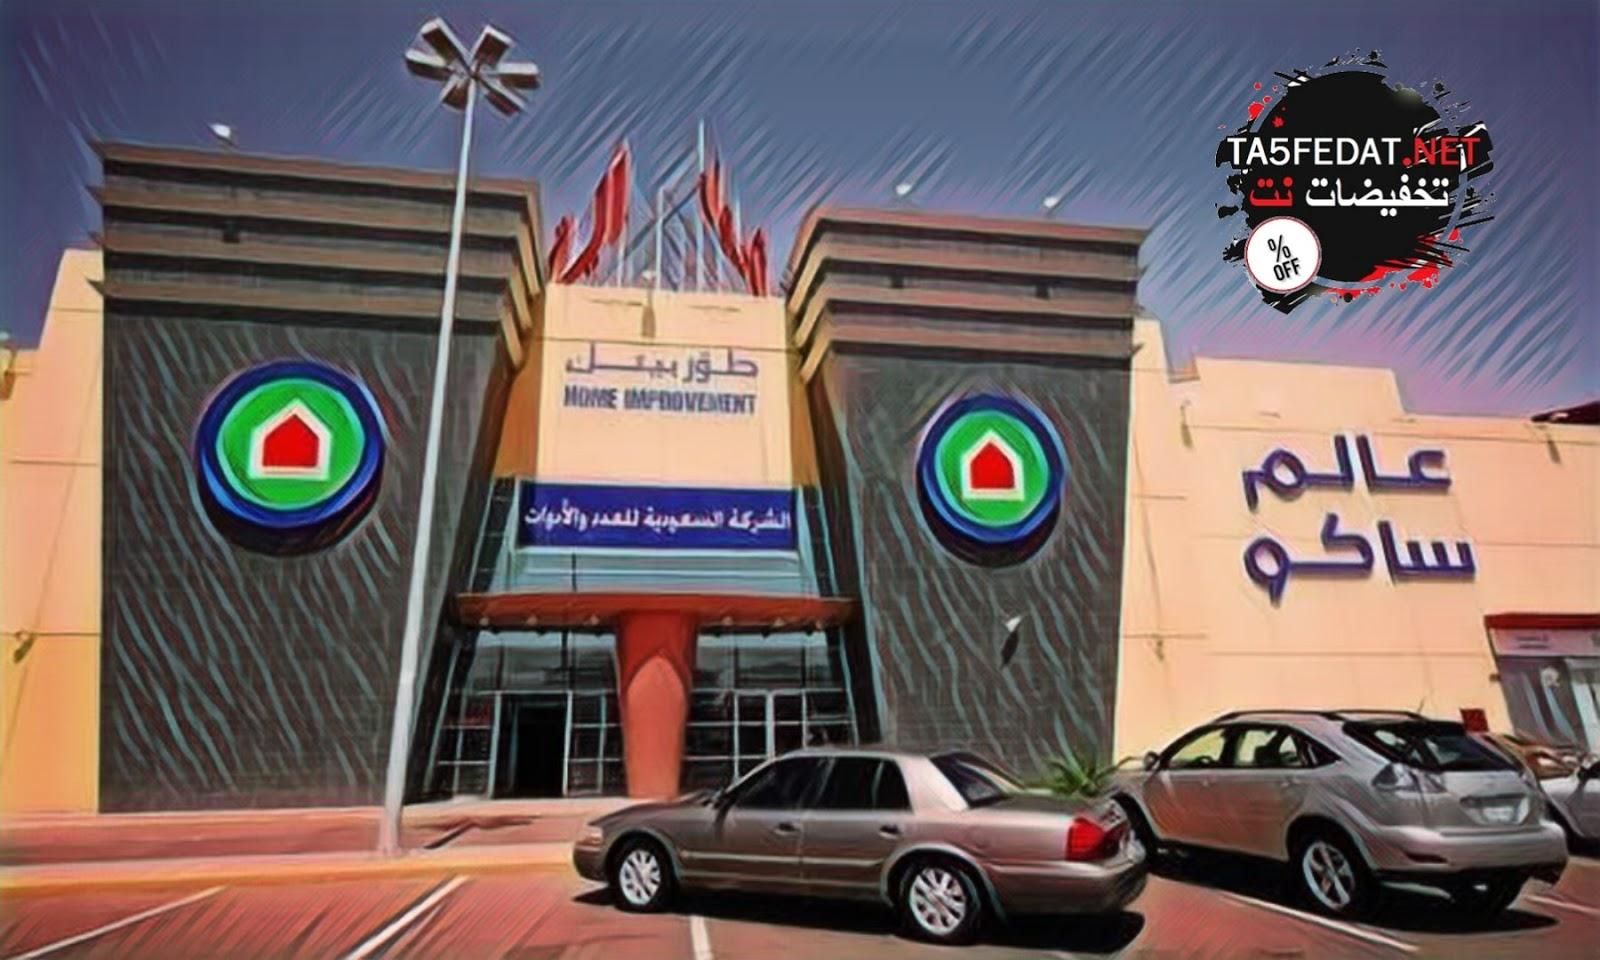 فروع ساكو وعالم ساكو Saco في السعودية